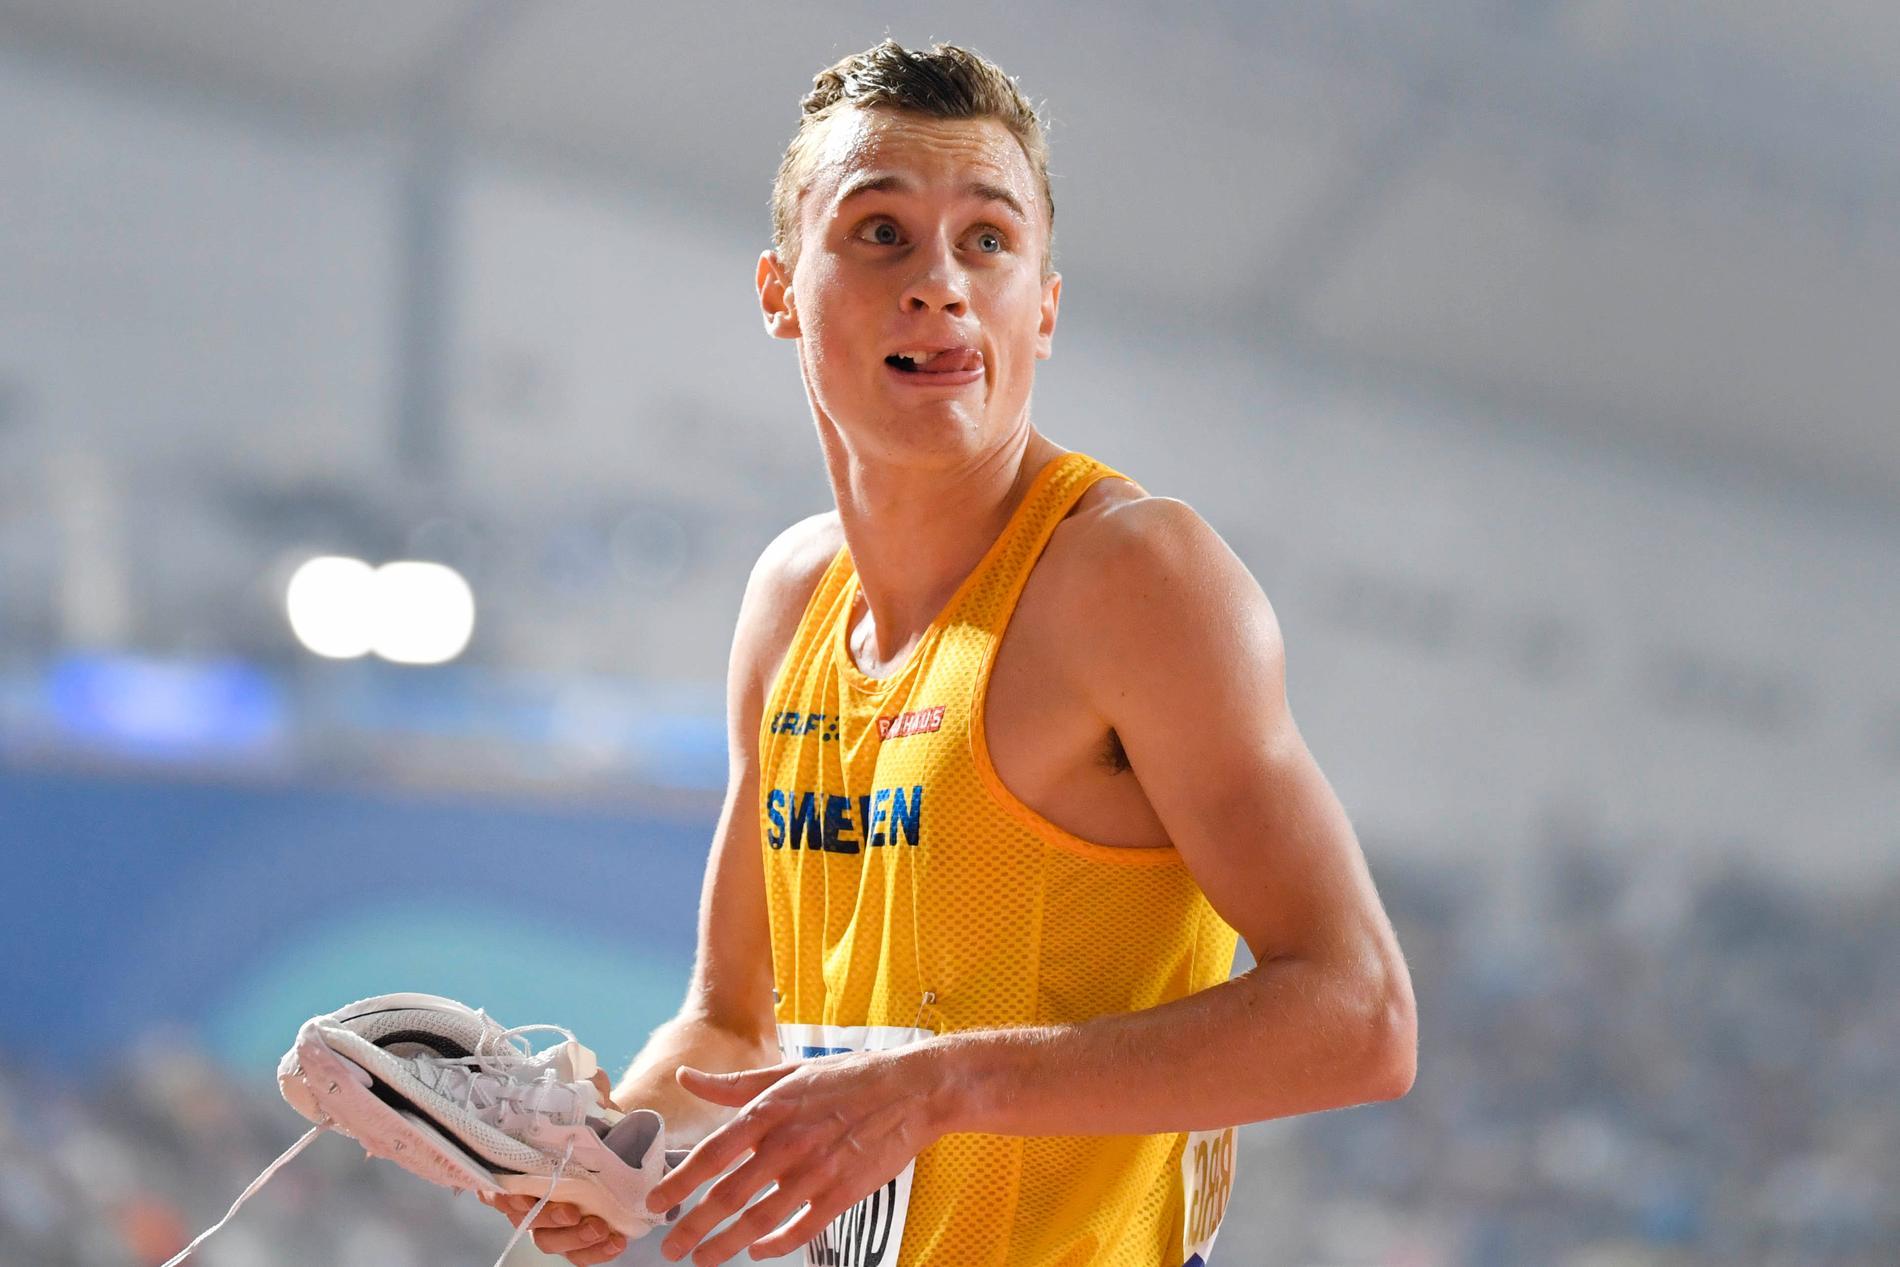 Sveriges Kalle Berglund blir den första svenska herrlöparen sedan Dan Waern 1960 att springa en stor mästerskapsfinal på 1500 meter.